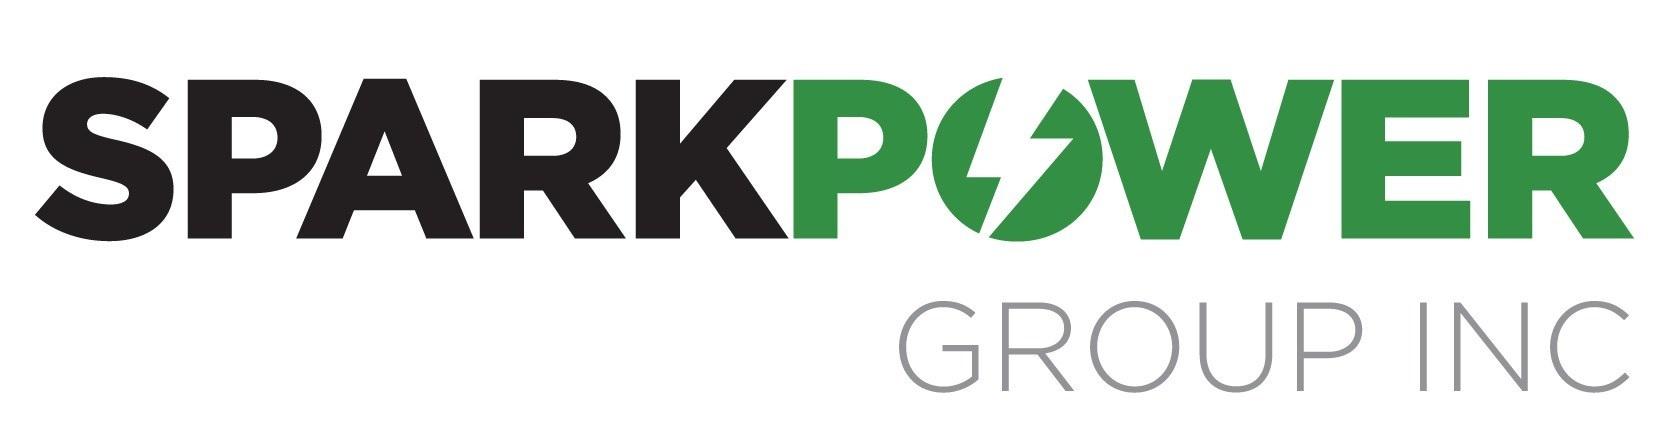 Spark Power Group Inc.